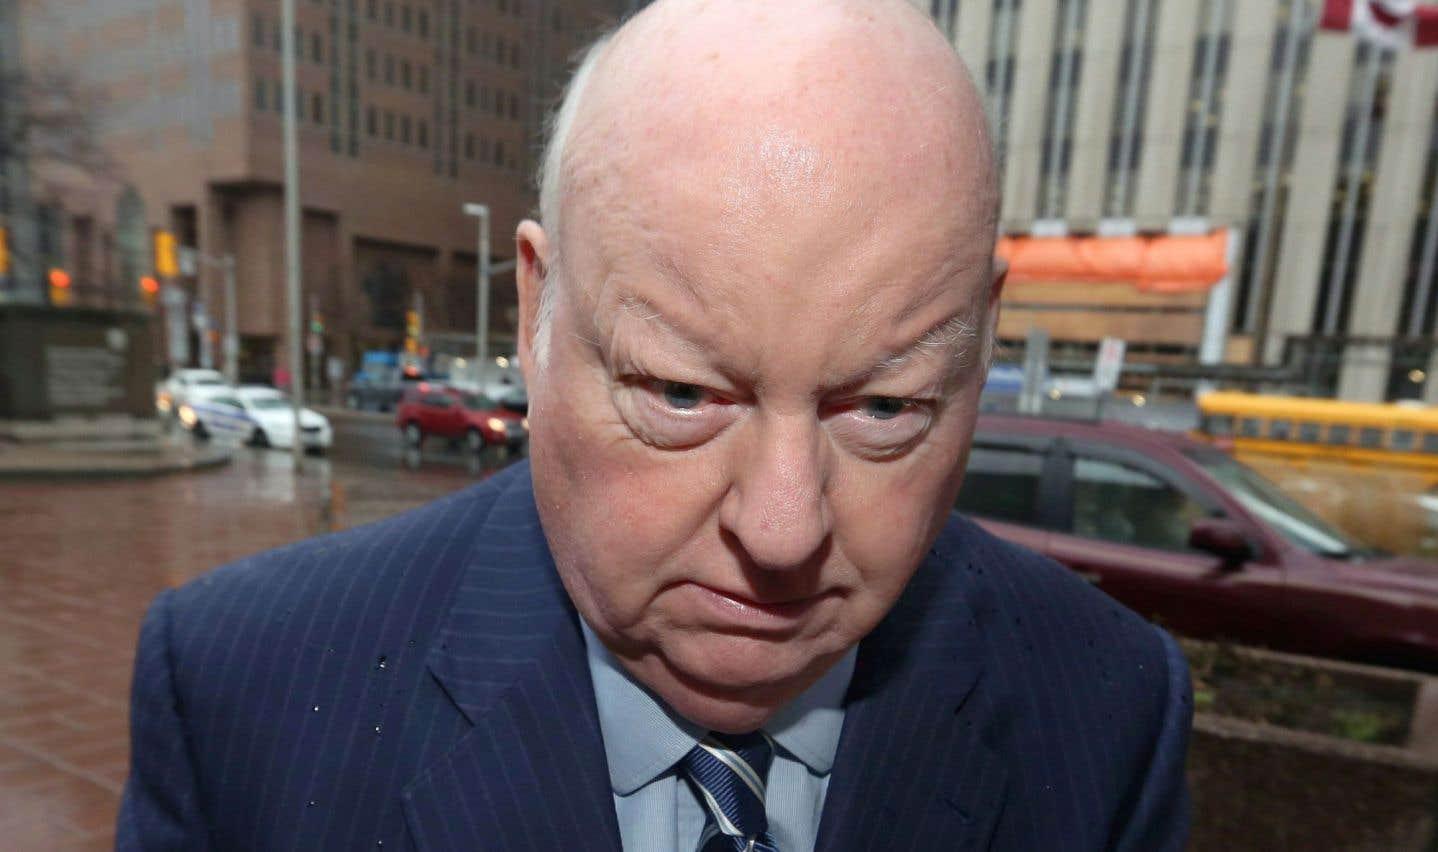 Exonéré en avril2016 des accusations qui pesaient contre lui au sujet du remboursement de dépenses inadmissibles, Mike Duffy retourne devant les tribunaux, cette fois à titre de demandeur.